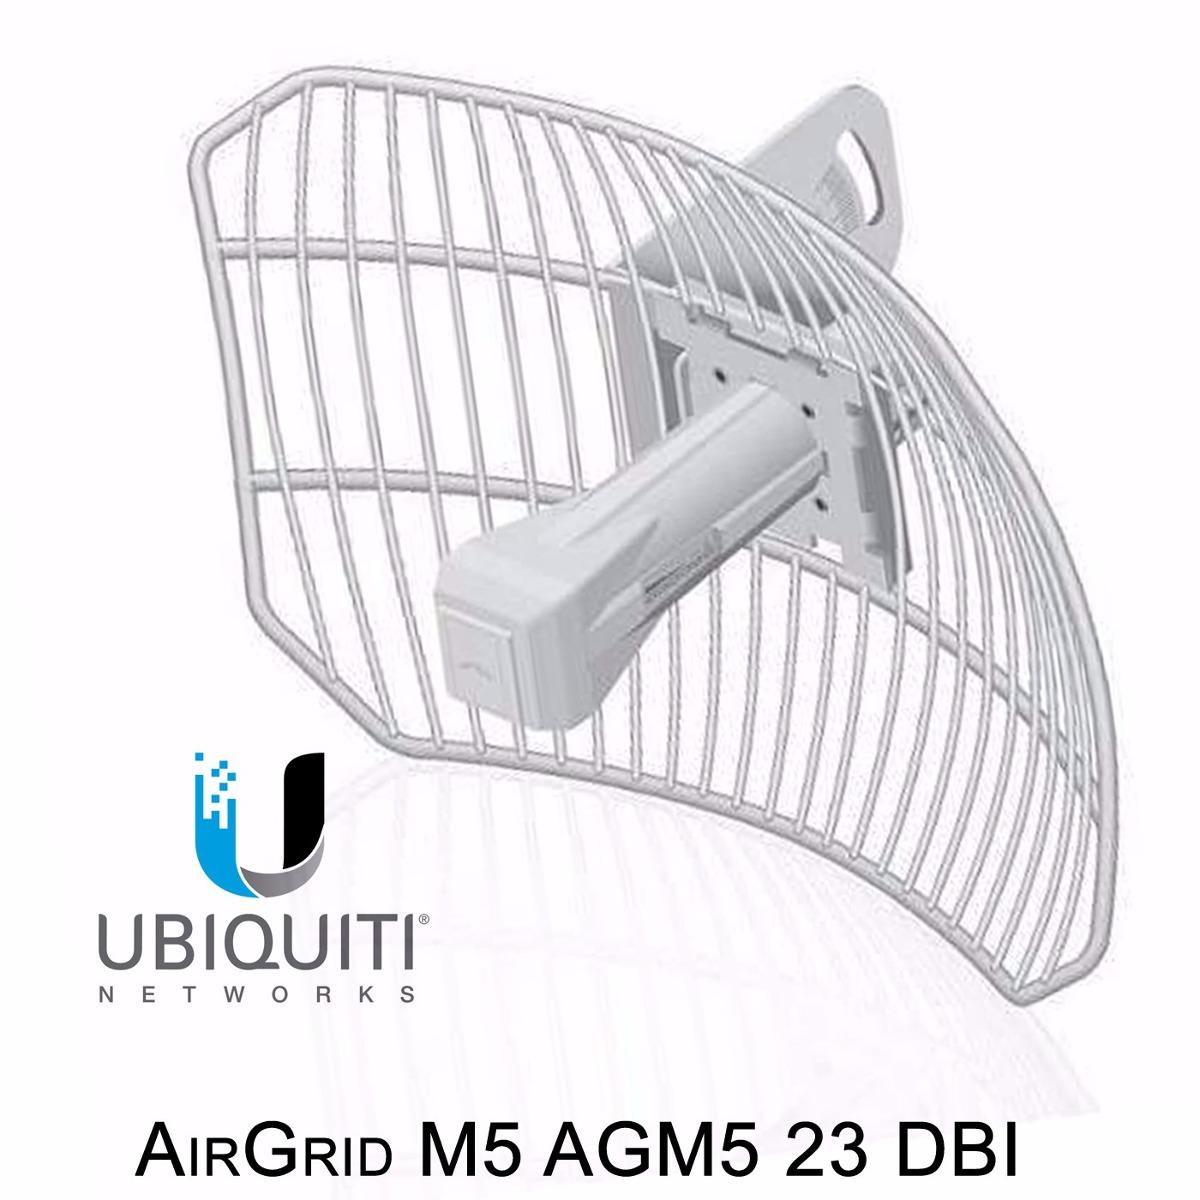 antena-ubiquiti-airgrid-m5-agm5-11x14-23